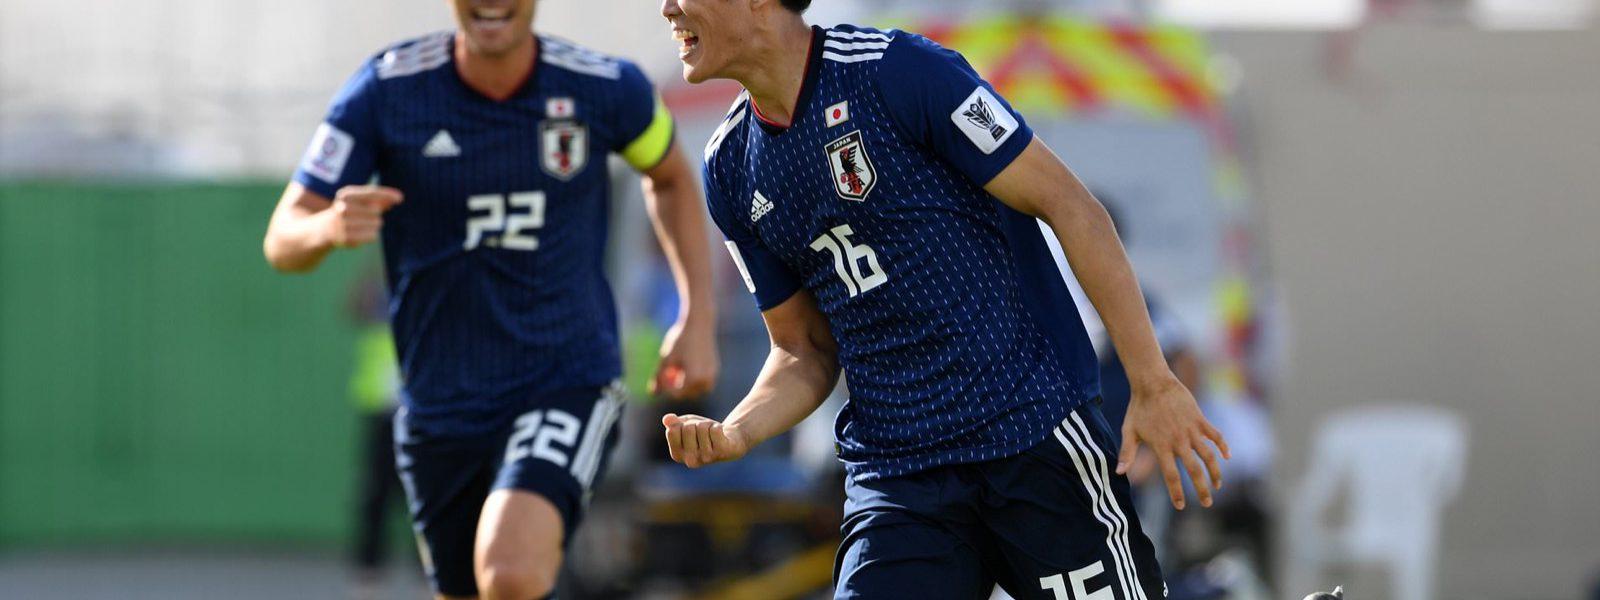 Takehiro Tomiyasu signs for Arsenal